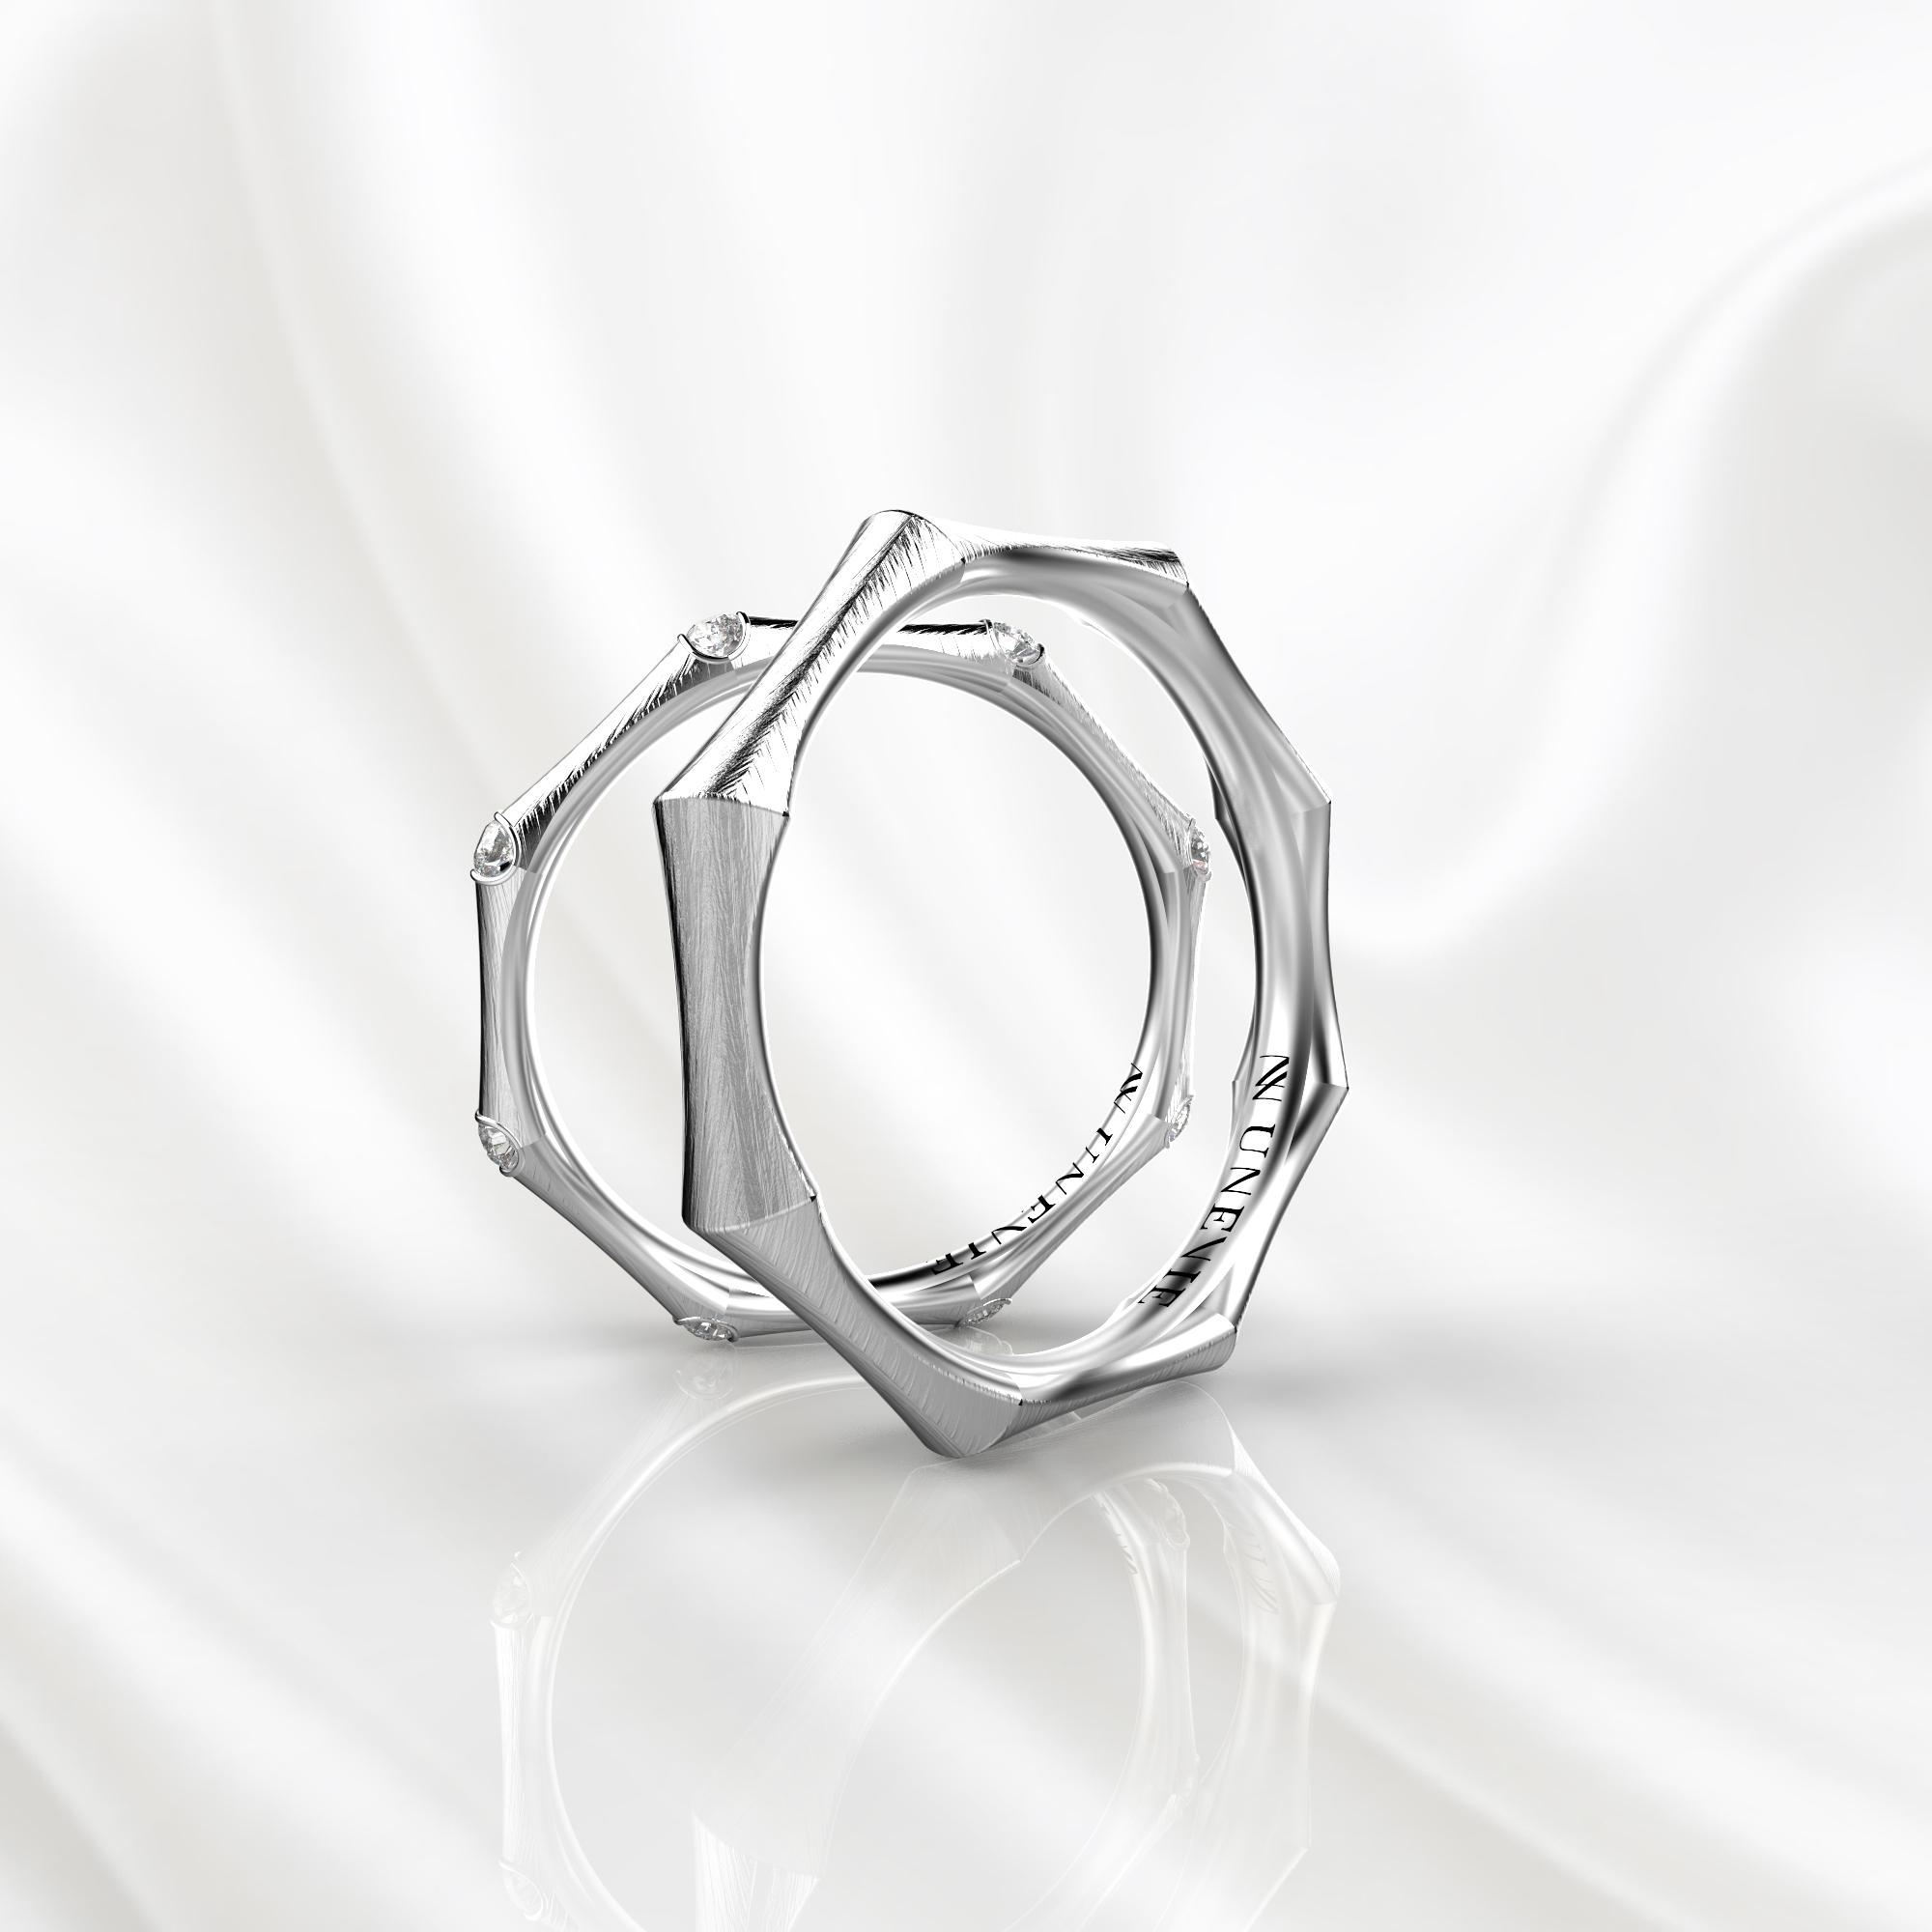 NV49 Парные обручальные кольца из белого золота с бриллиантами